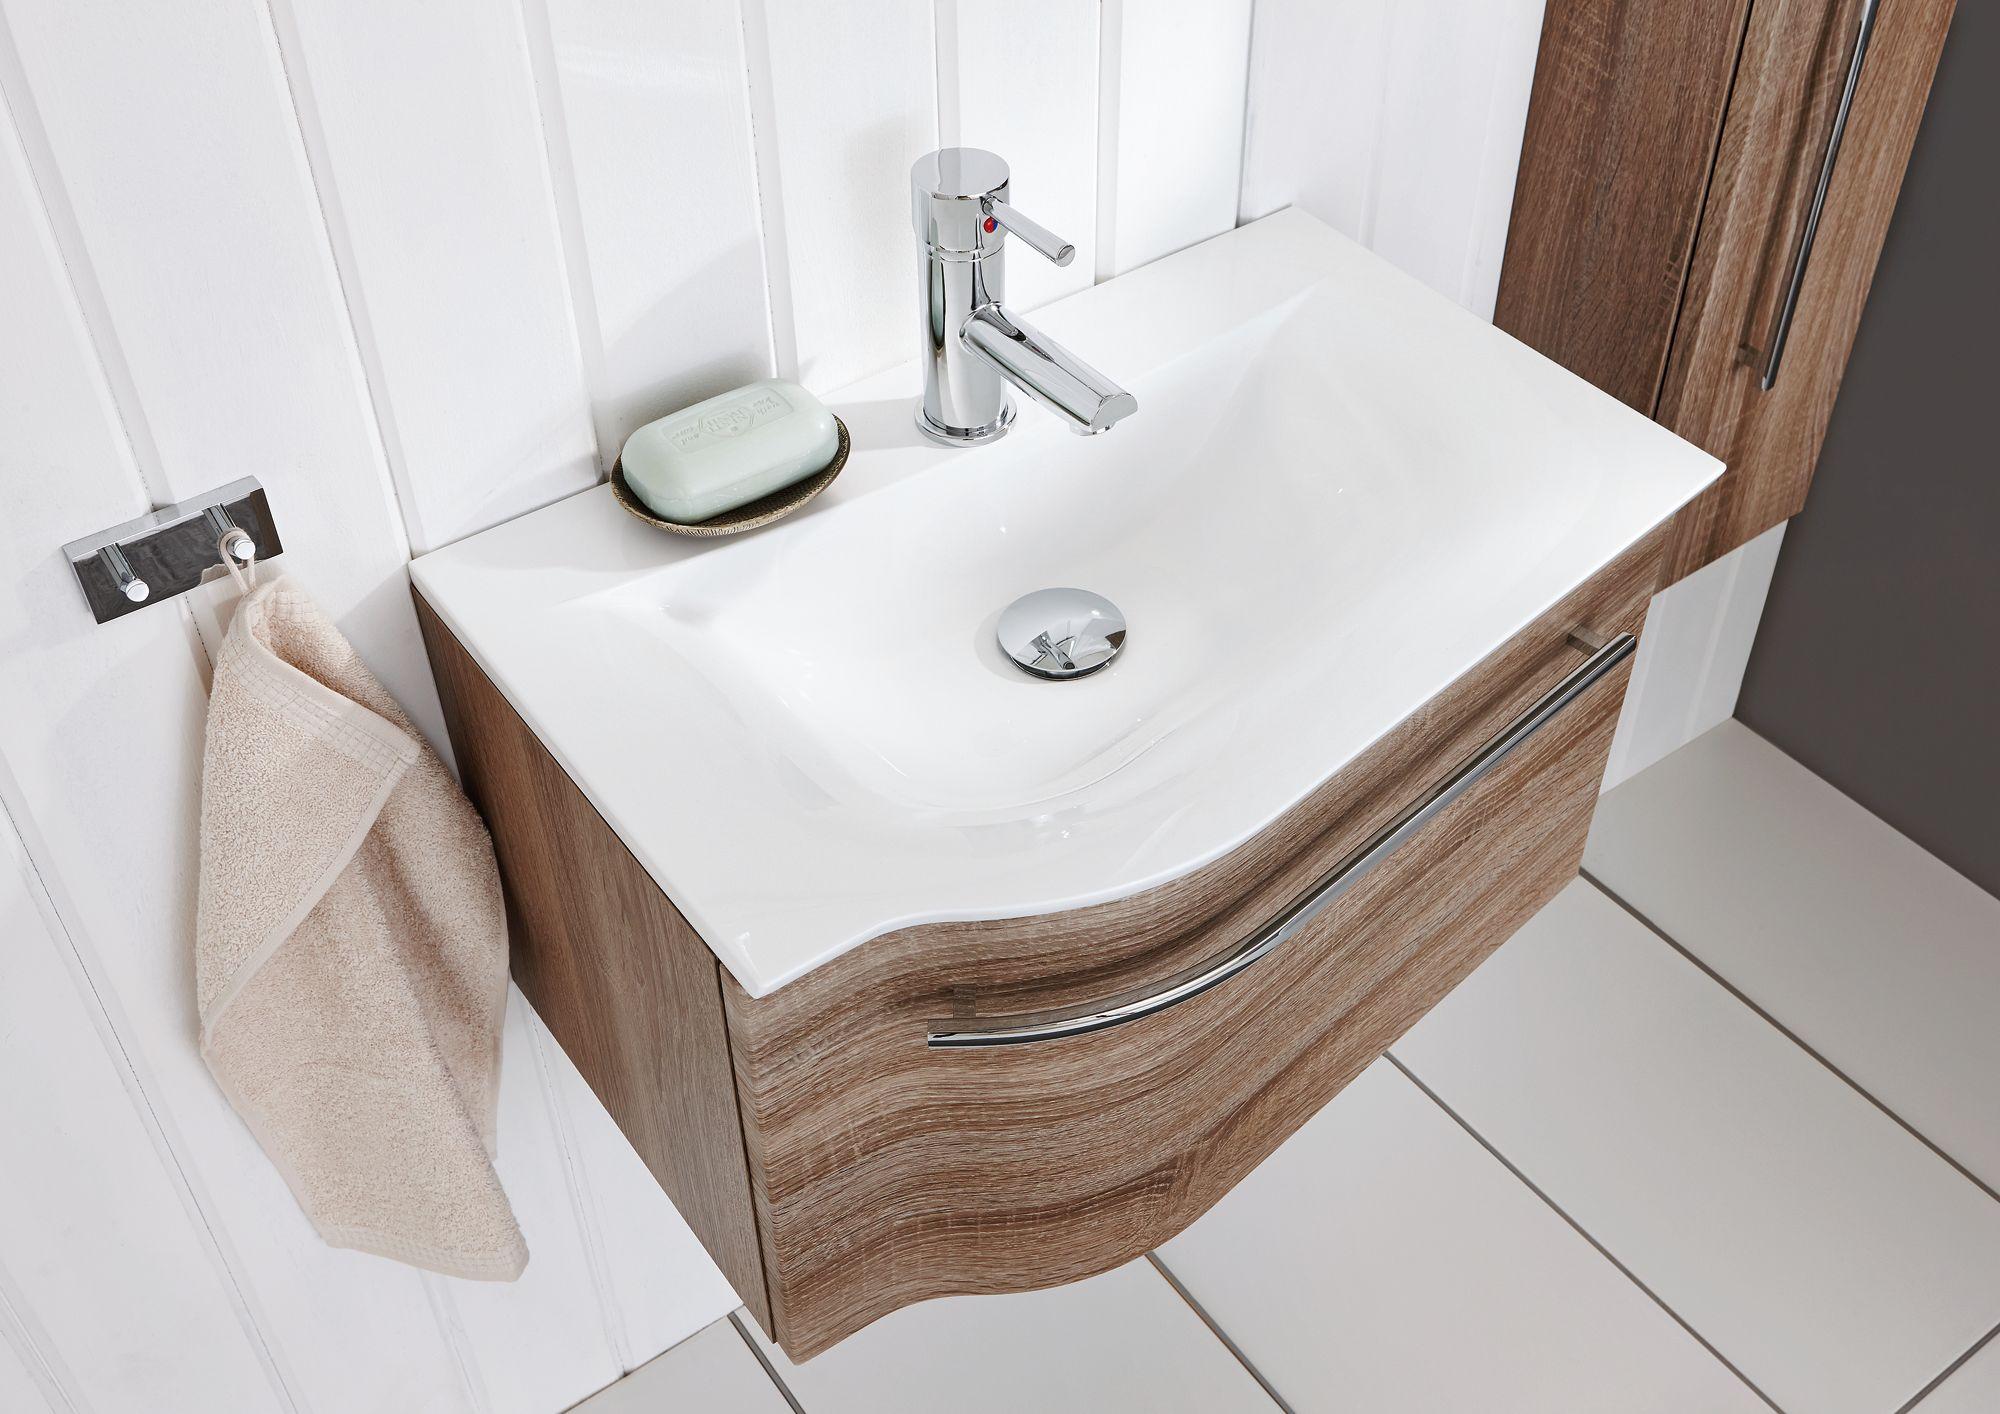 puris for guests waschtisch mit unterschrank 60 6 cm breit. Black Bedroom Furniture Sets. Home Design Ideas